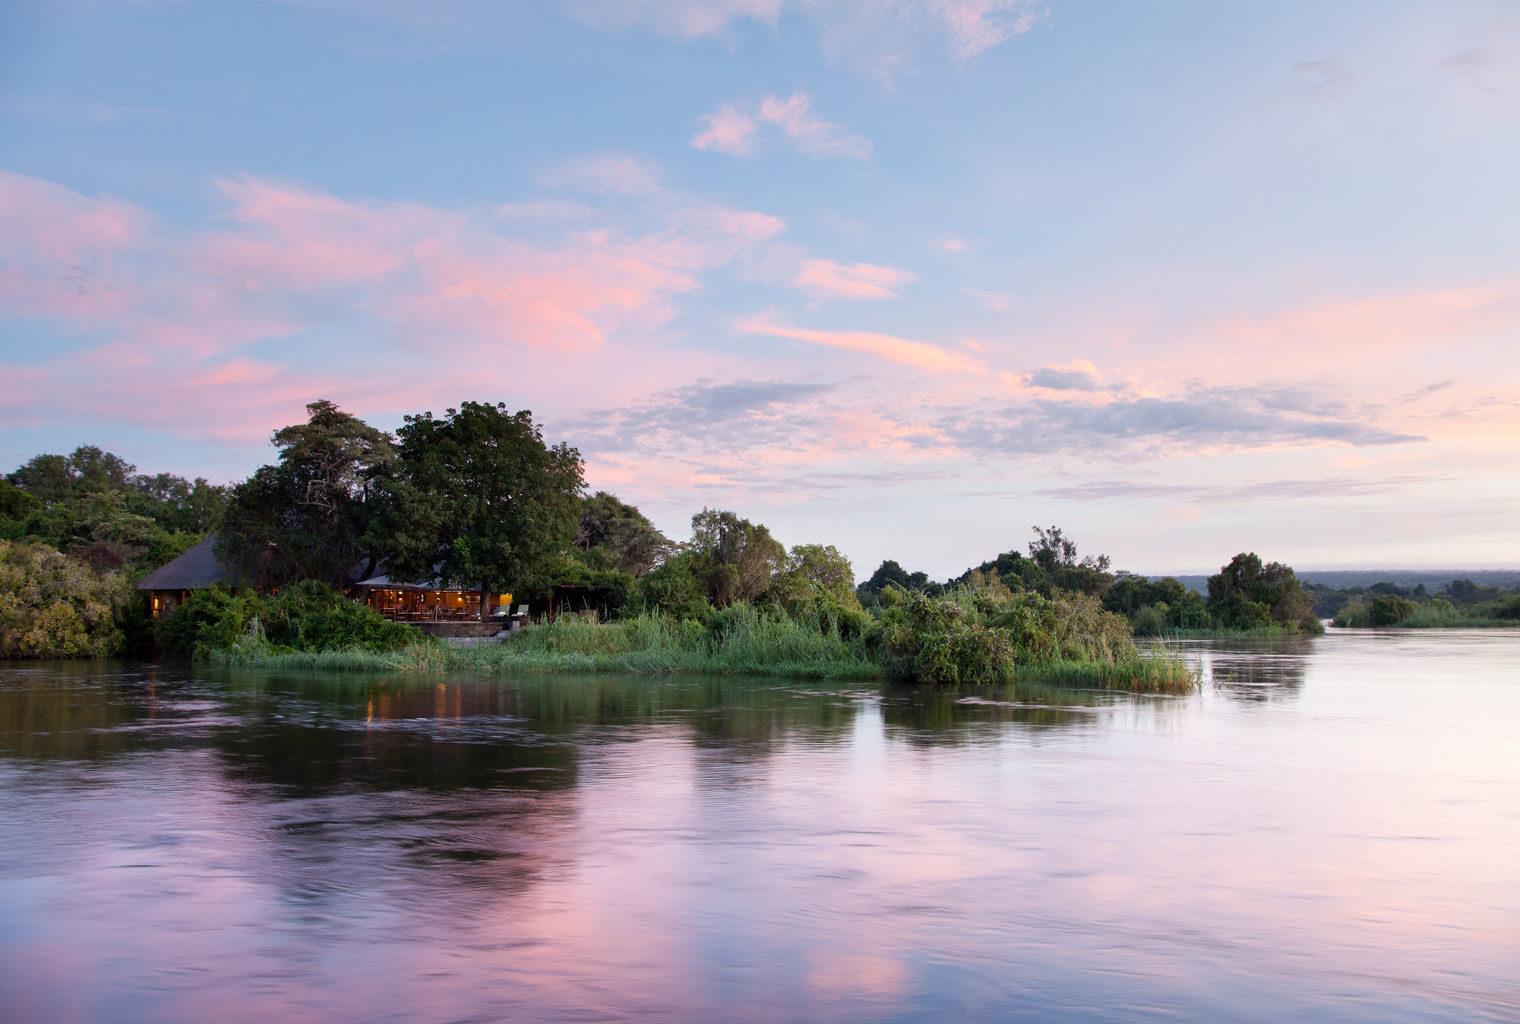 _RoyalChundu_Island_Lodge_Surroundings_Zambia